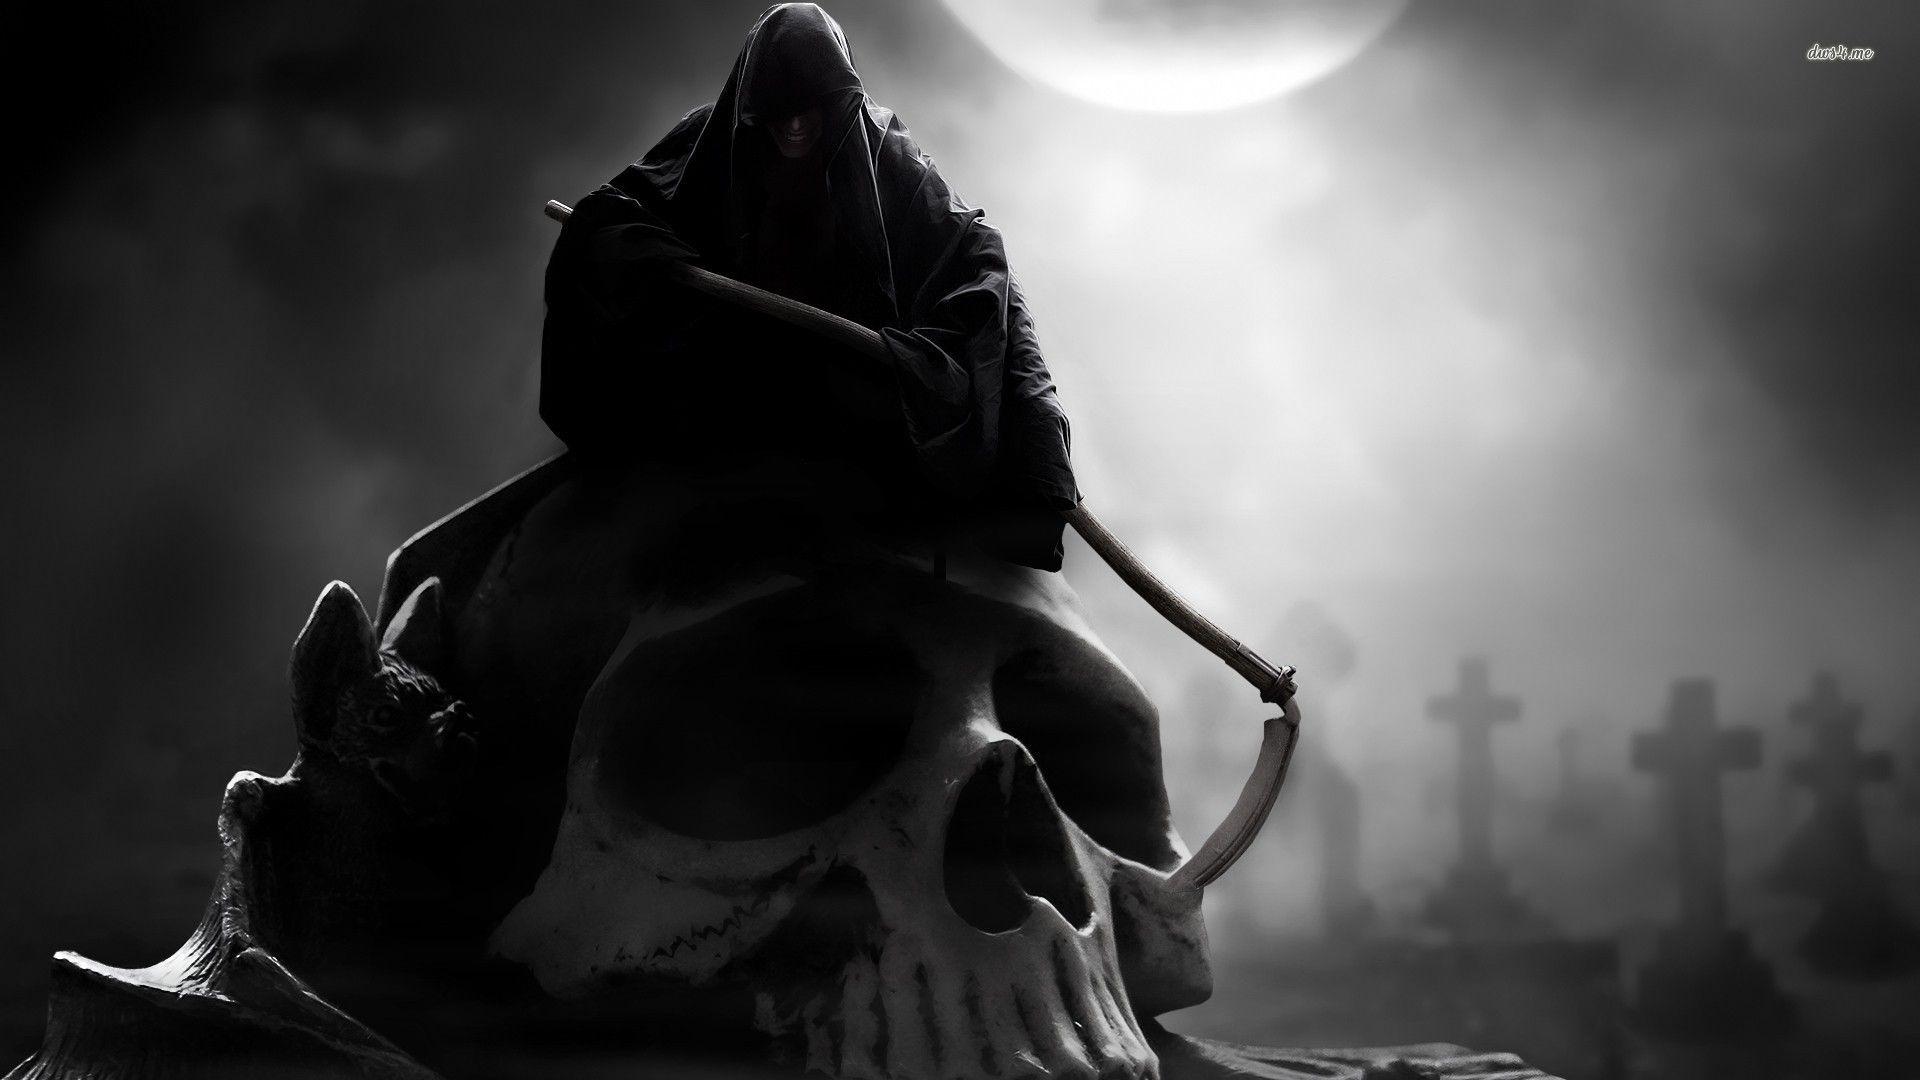 фэнтези графика женщина Grim Reaper  № 3256228 бесплатно